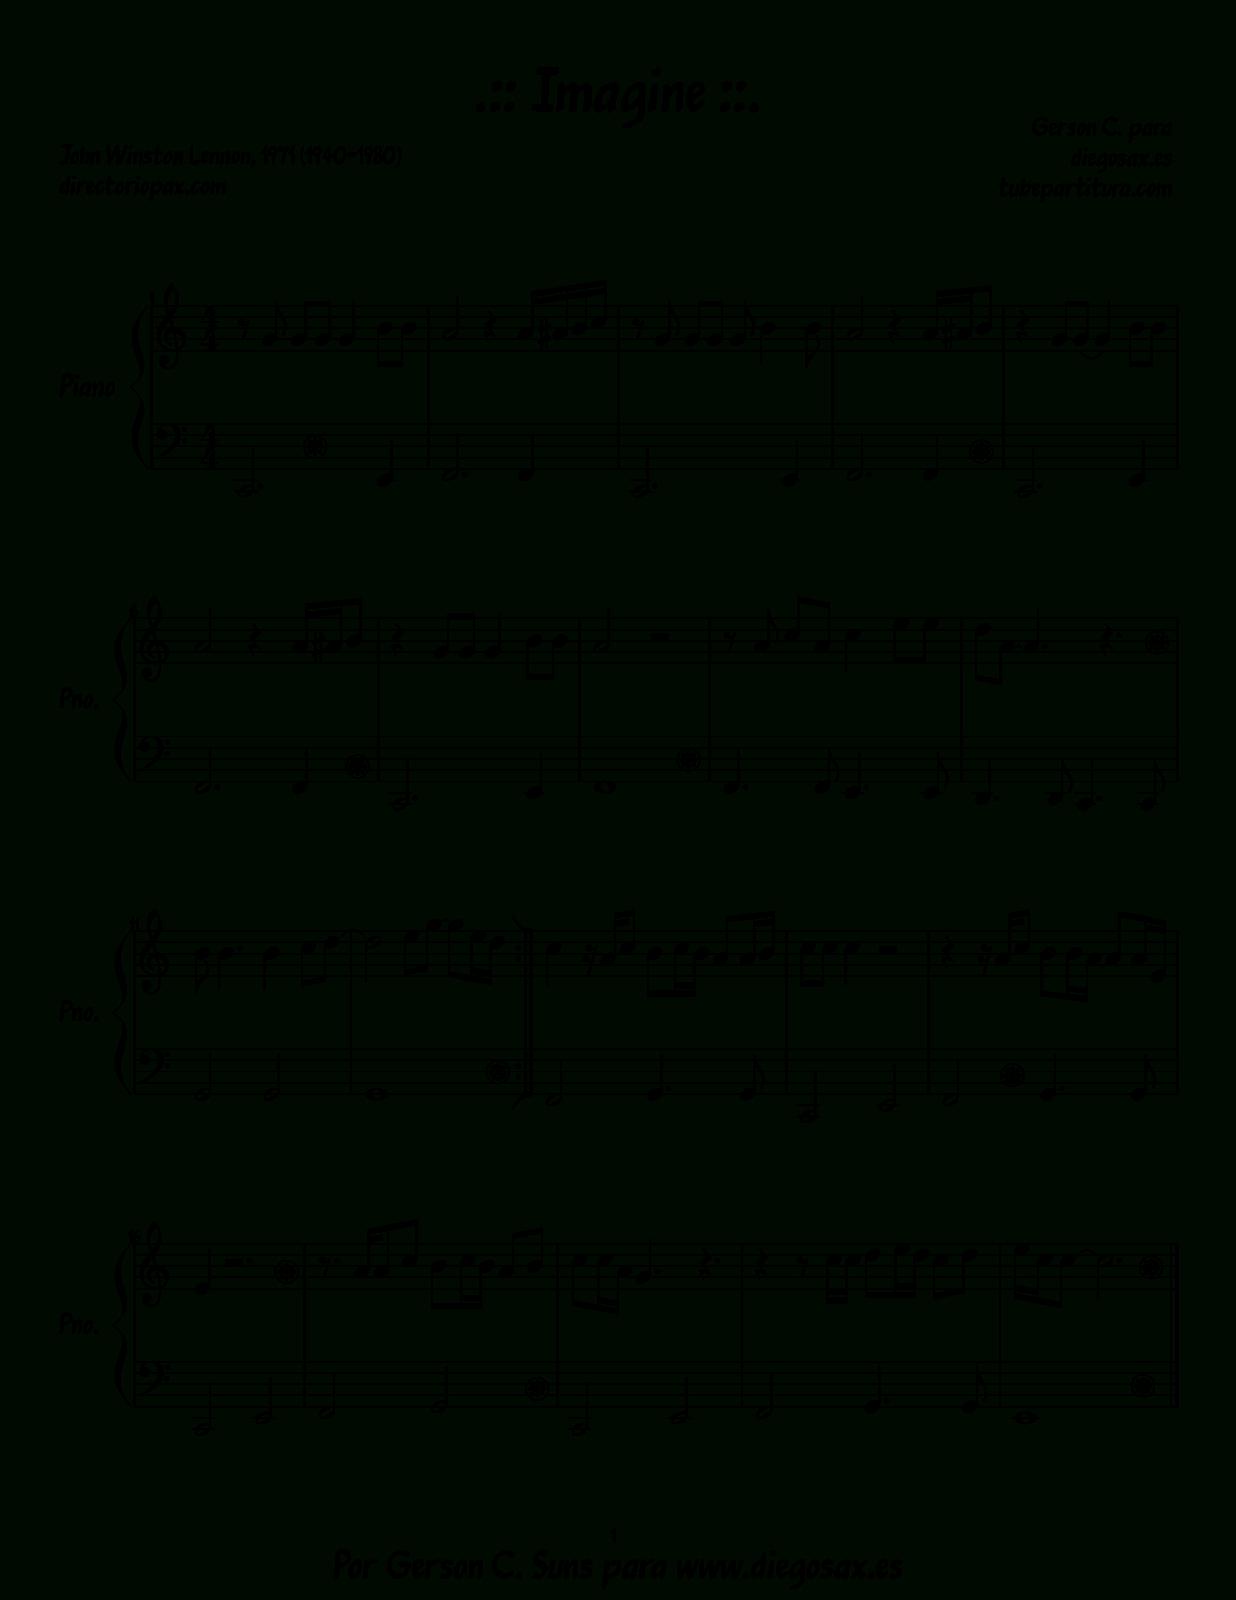 Pishaclay - Pop Songs Piano Sheet Music Pdf - Free Piano Sheet Music Online Printable Popular Songs